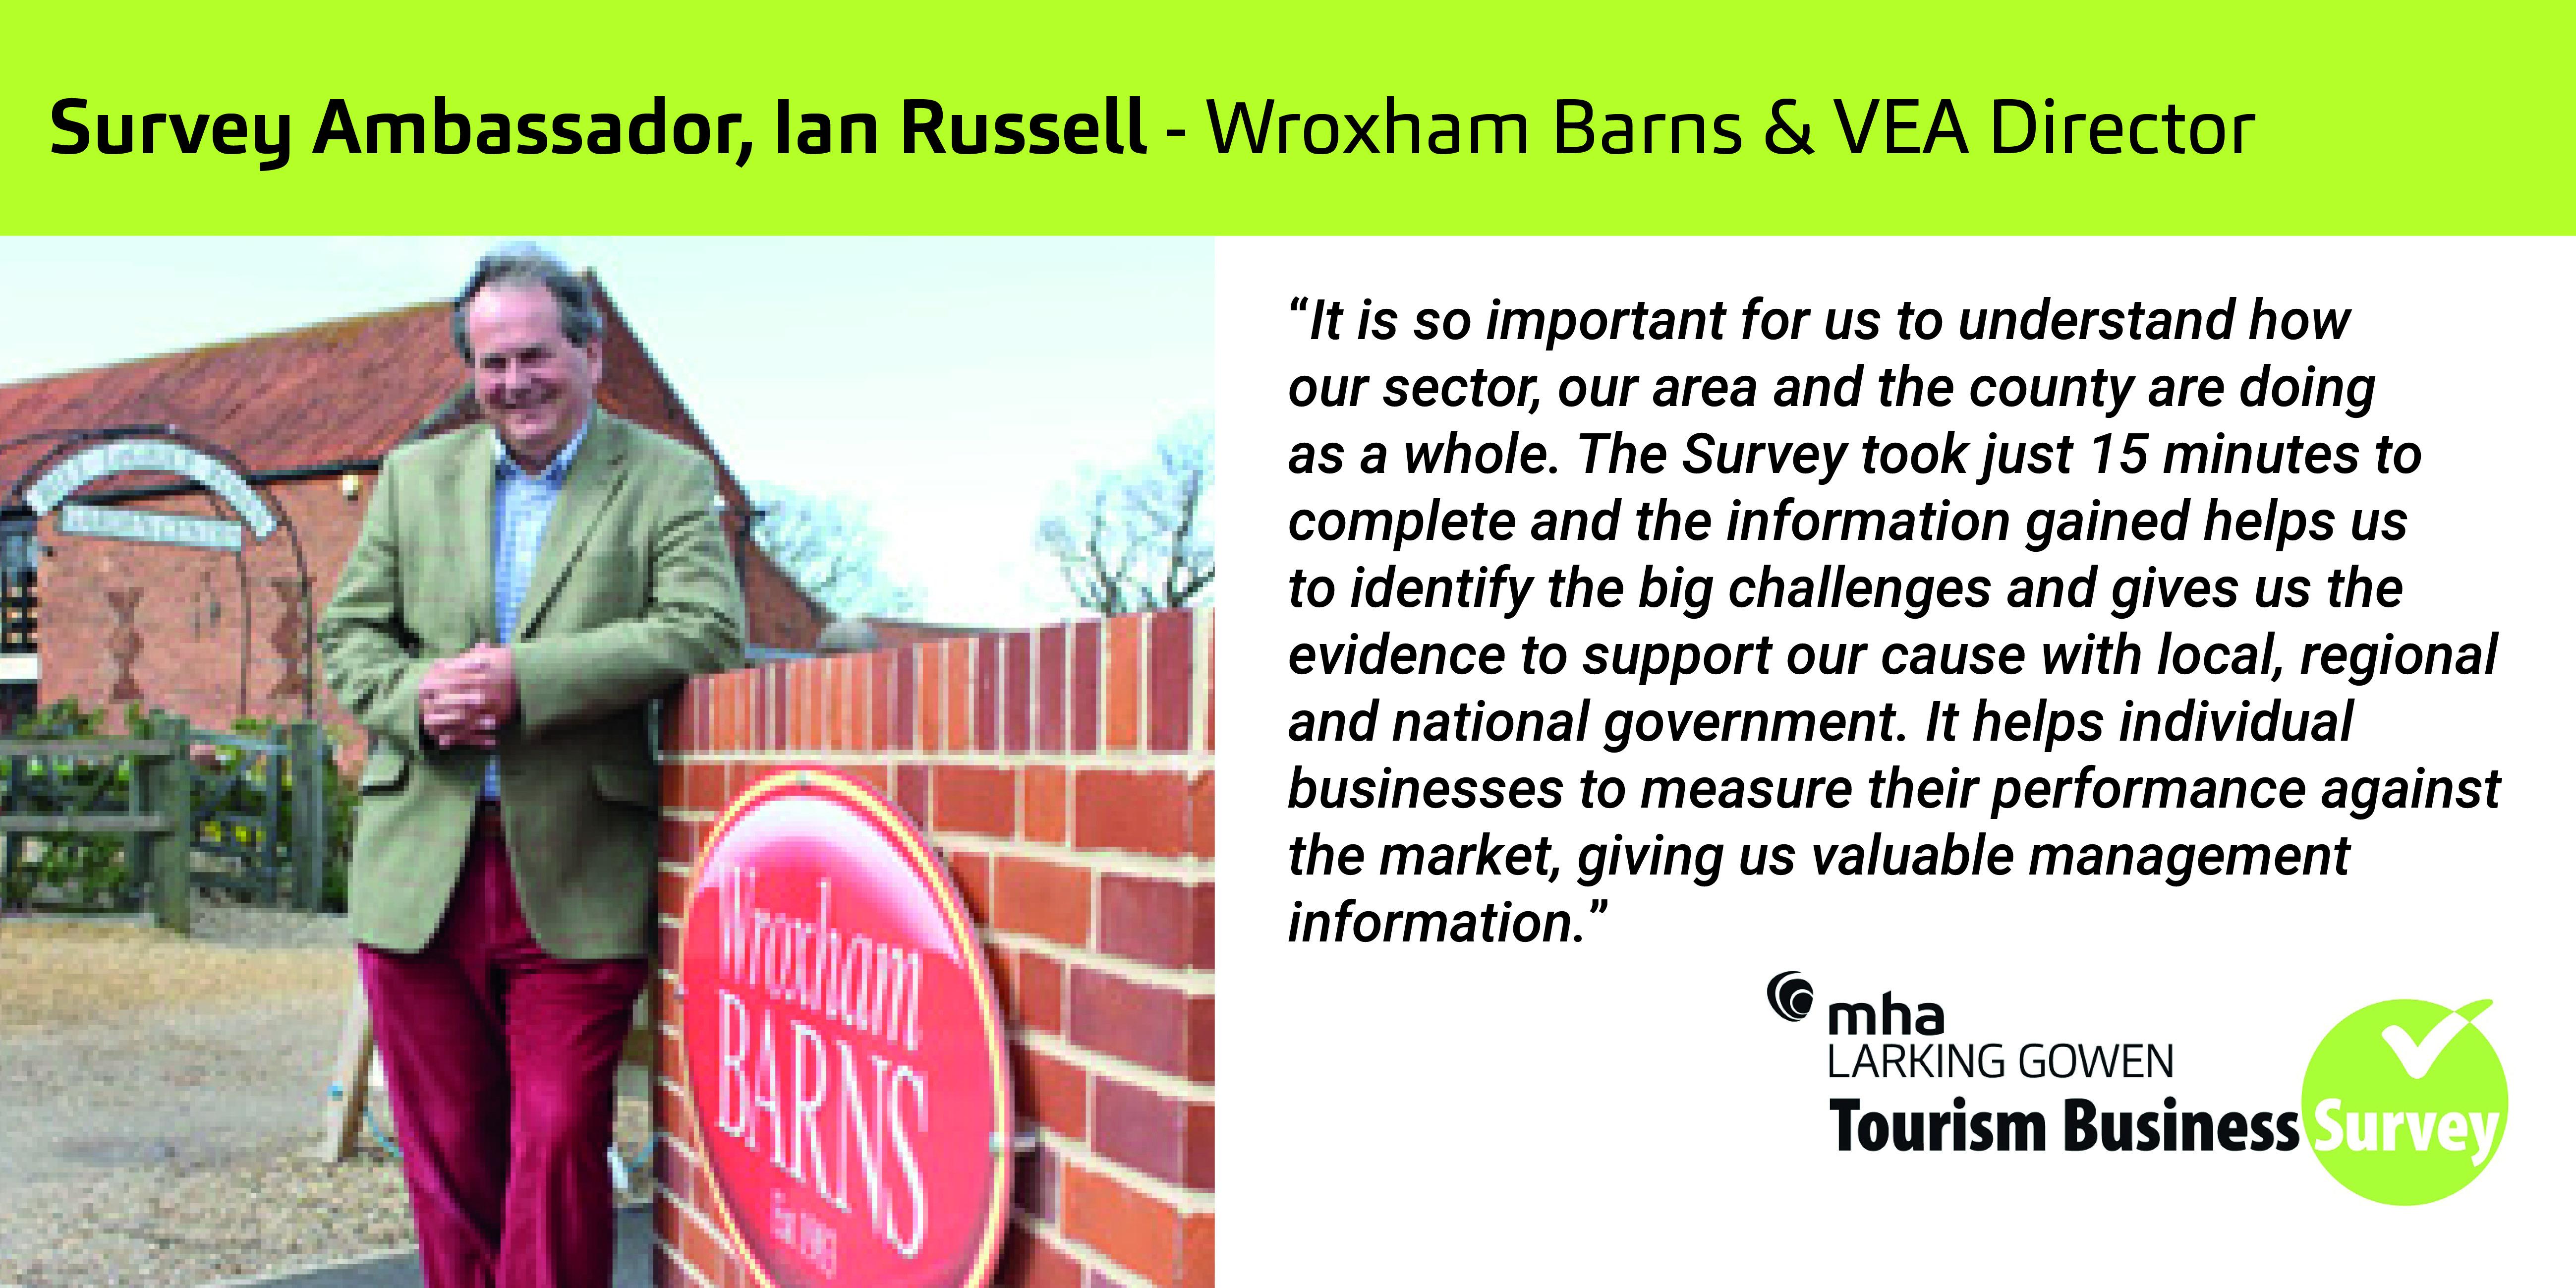 Survey-ambassedor-slide-Ian-Russell